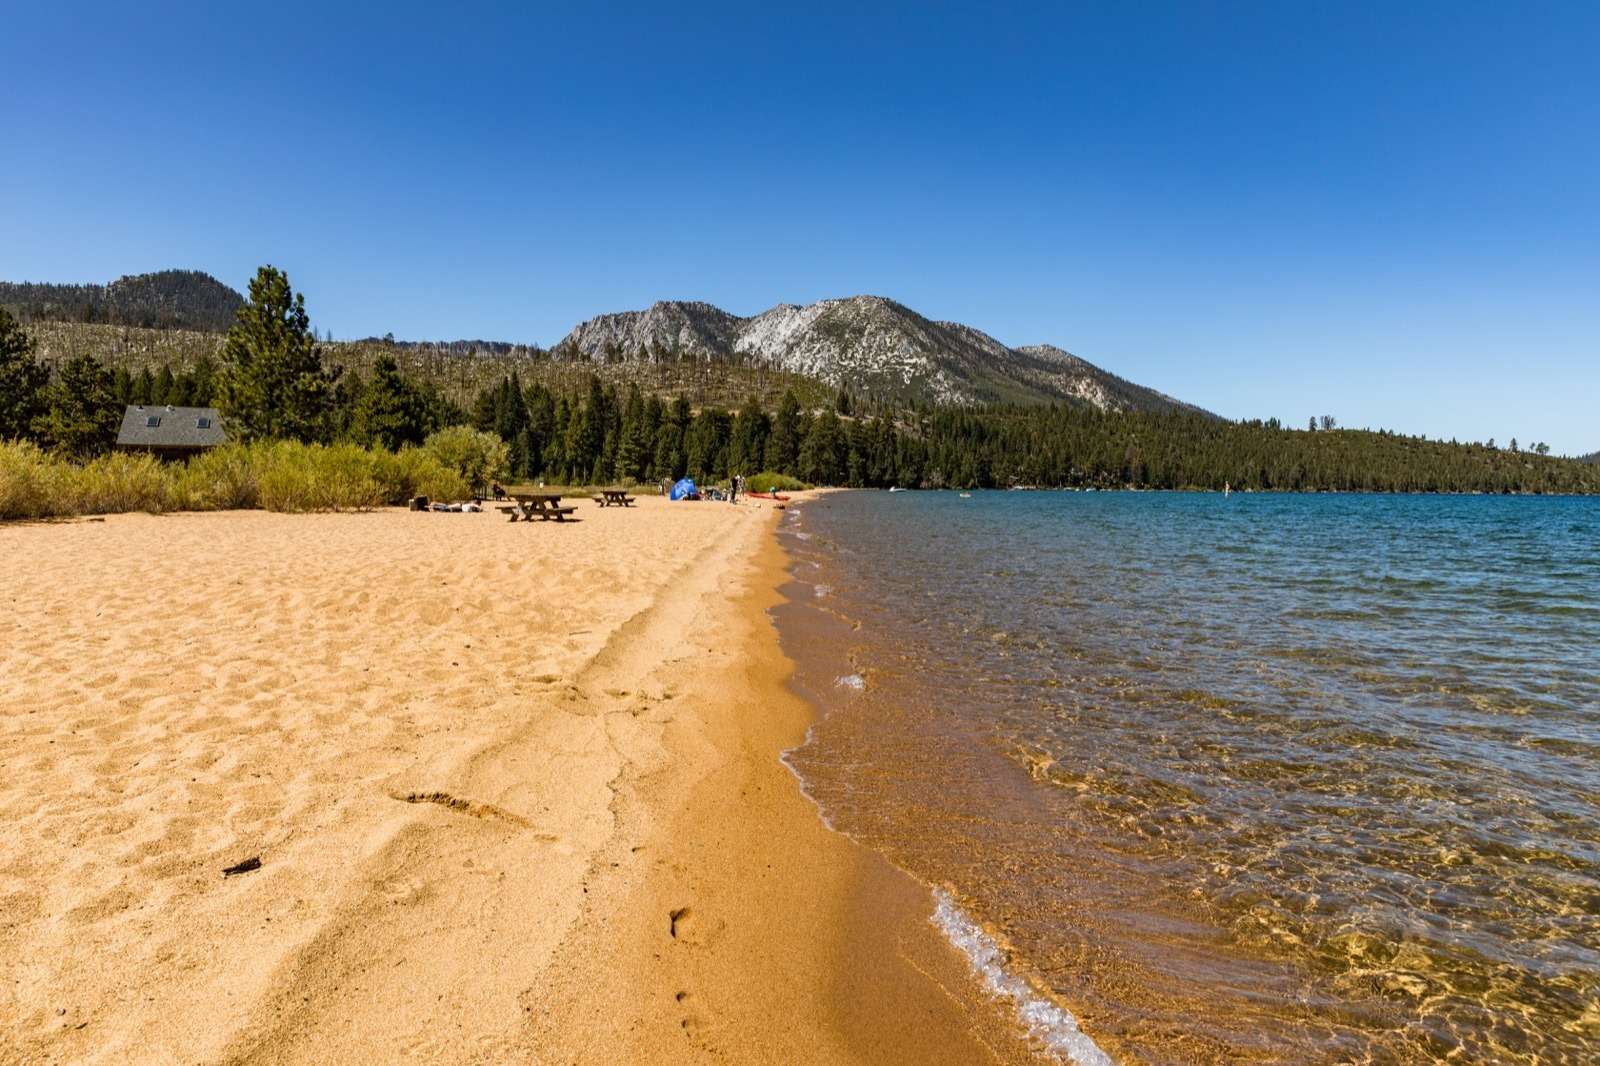 california-high-sierra-south-lake-tahoe-baldwin-beach-1